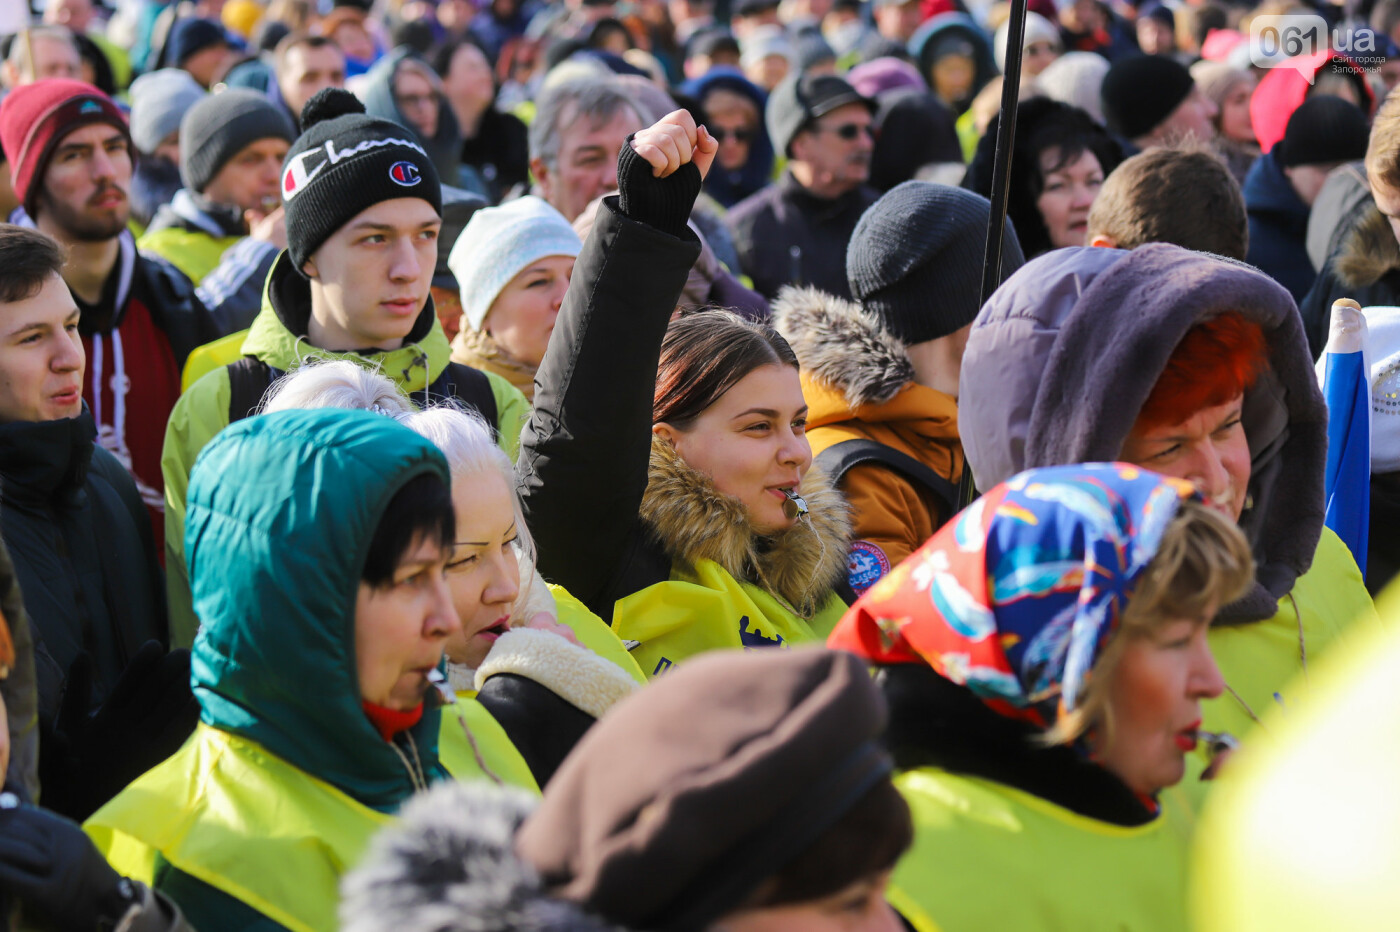 В Запорожье на протестную акцию профсоюзов «Волна гнева» вышло около 2000 человек, - ФОТОРЕПОРТАЖ, фото-24